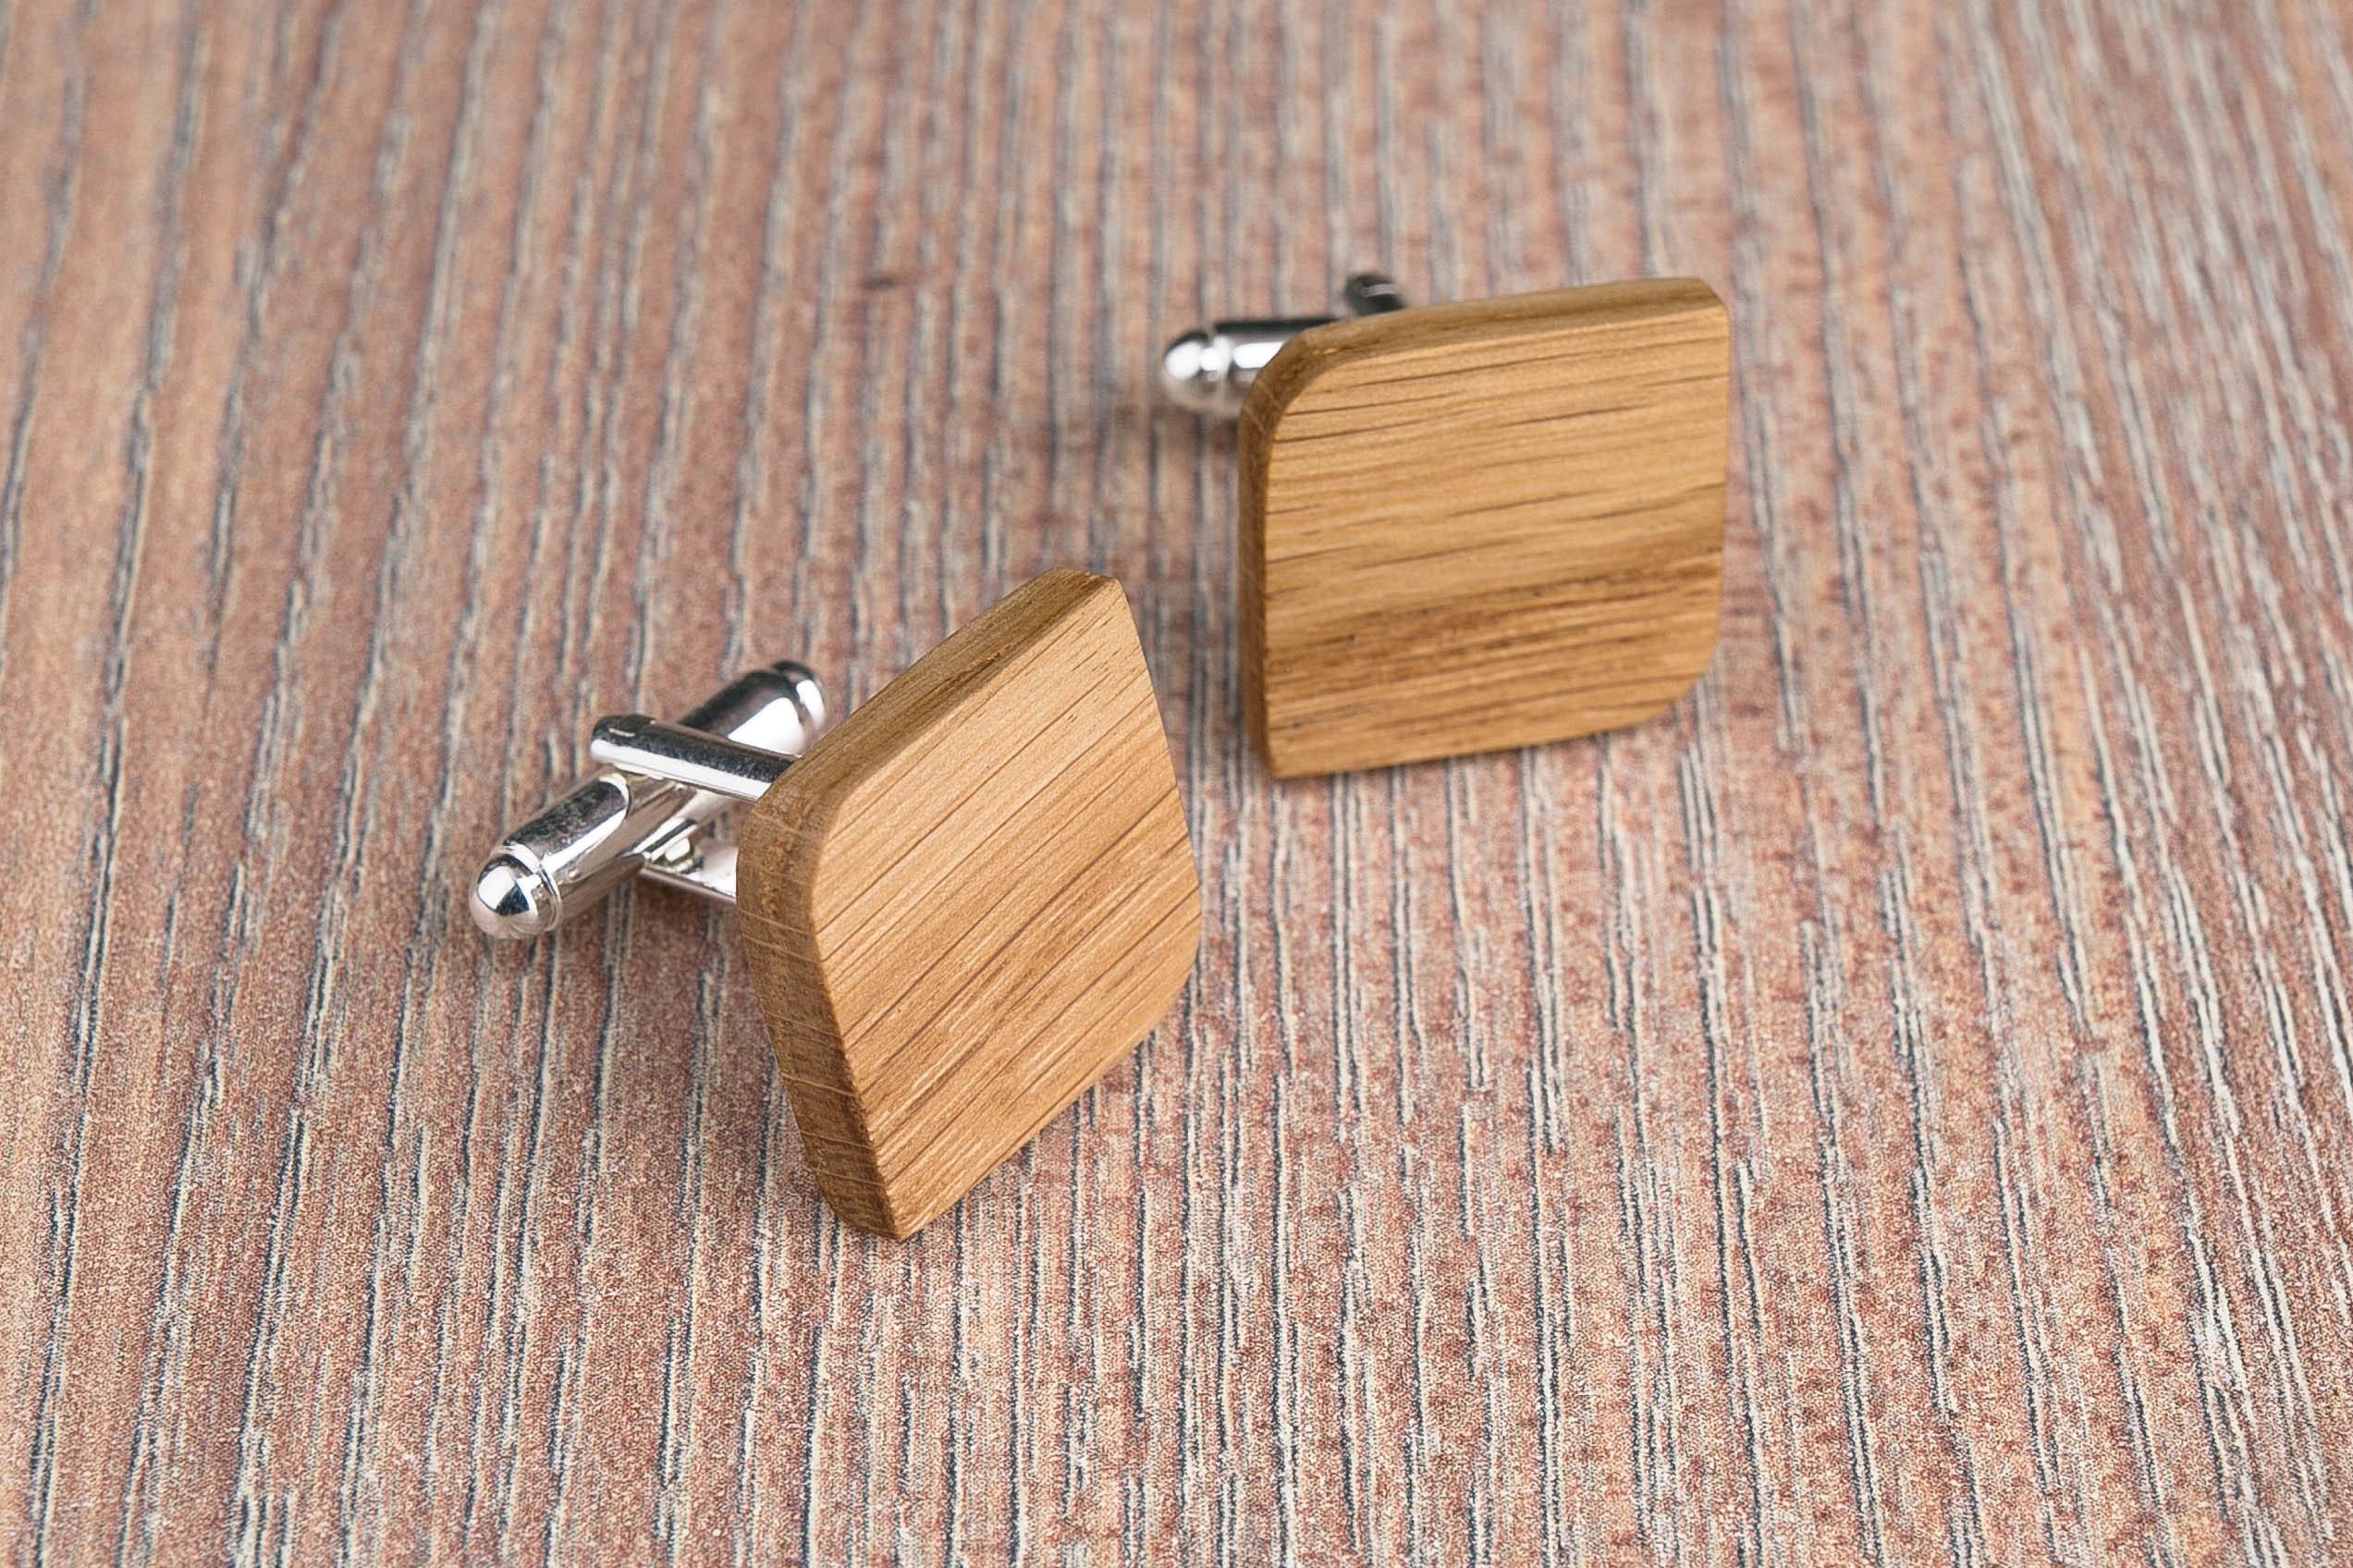 Комплект: Скругленные запонки из дерева и Деревянный зажим для галстука. Массив дуба. Гравировка инициалов. Упаковка в комплекте